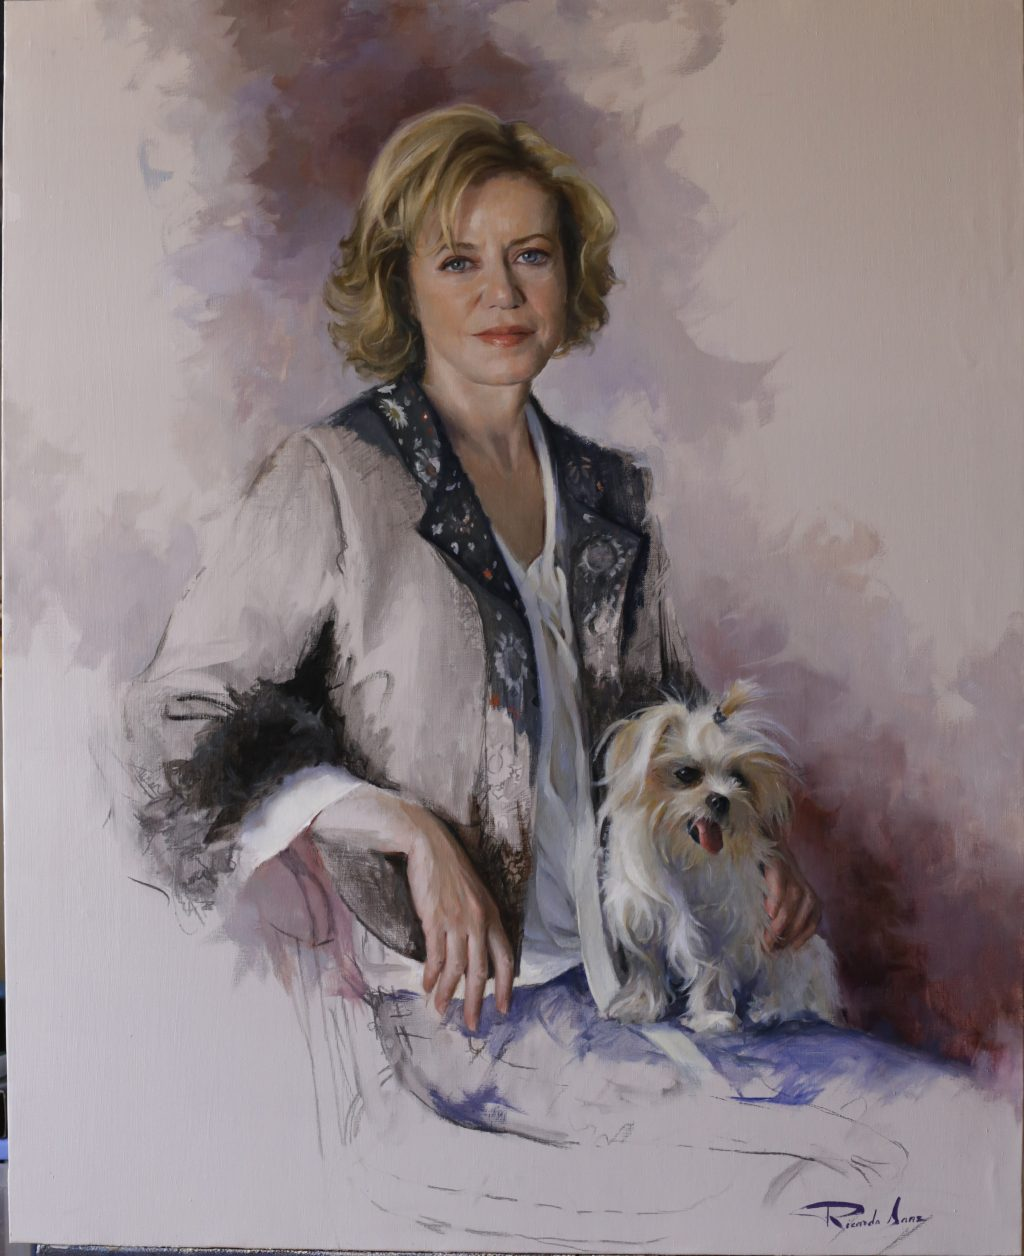 Retrato de Dña. Elvira Manrique de Lara y Benitez de Lugo